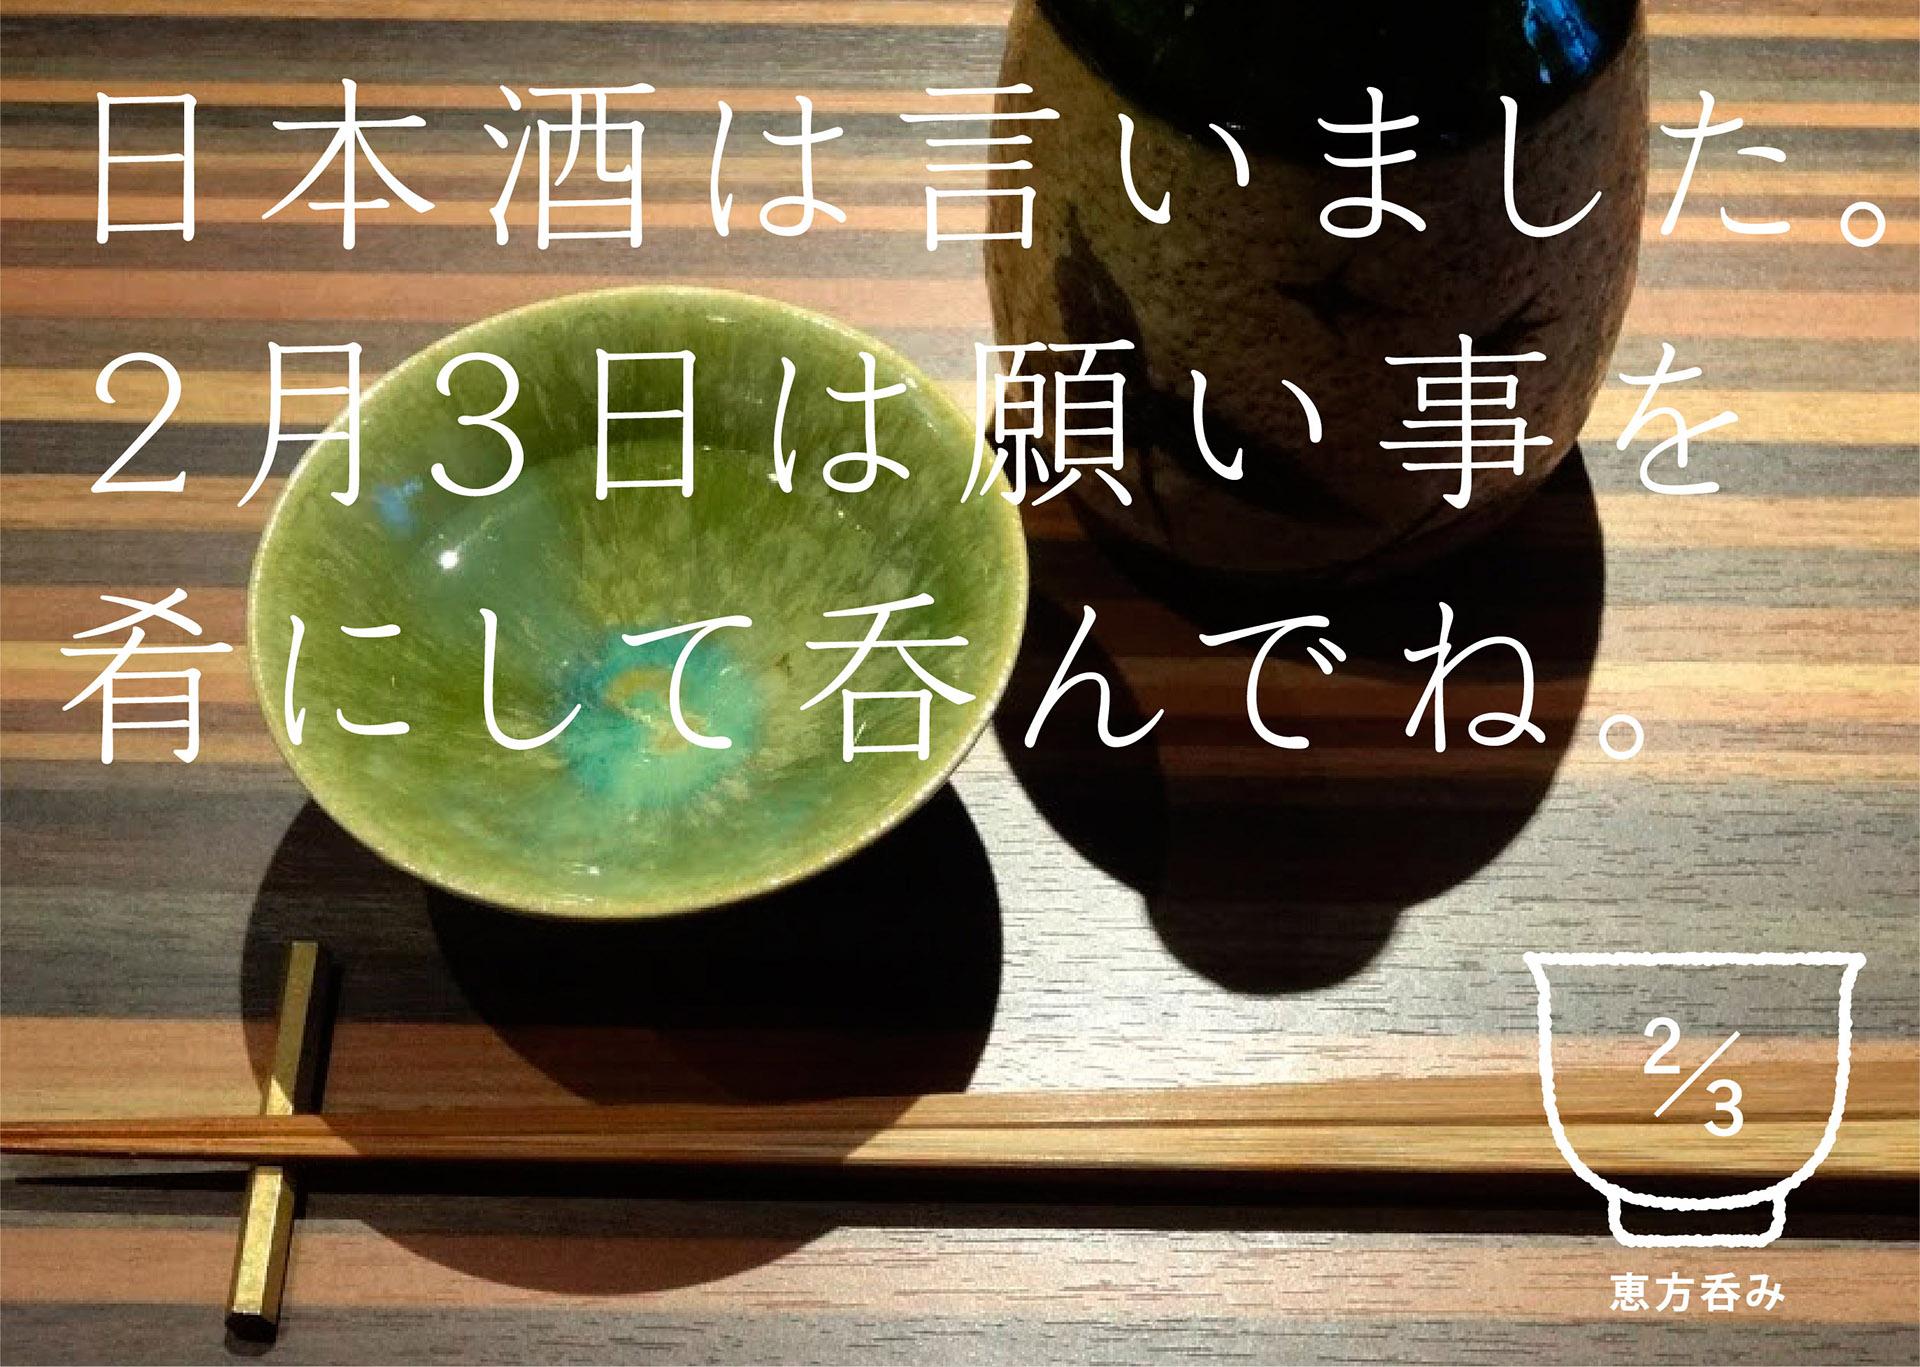 ehonomi2015_0202